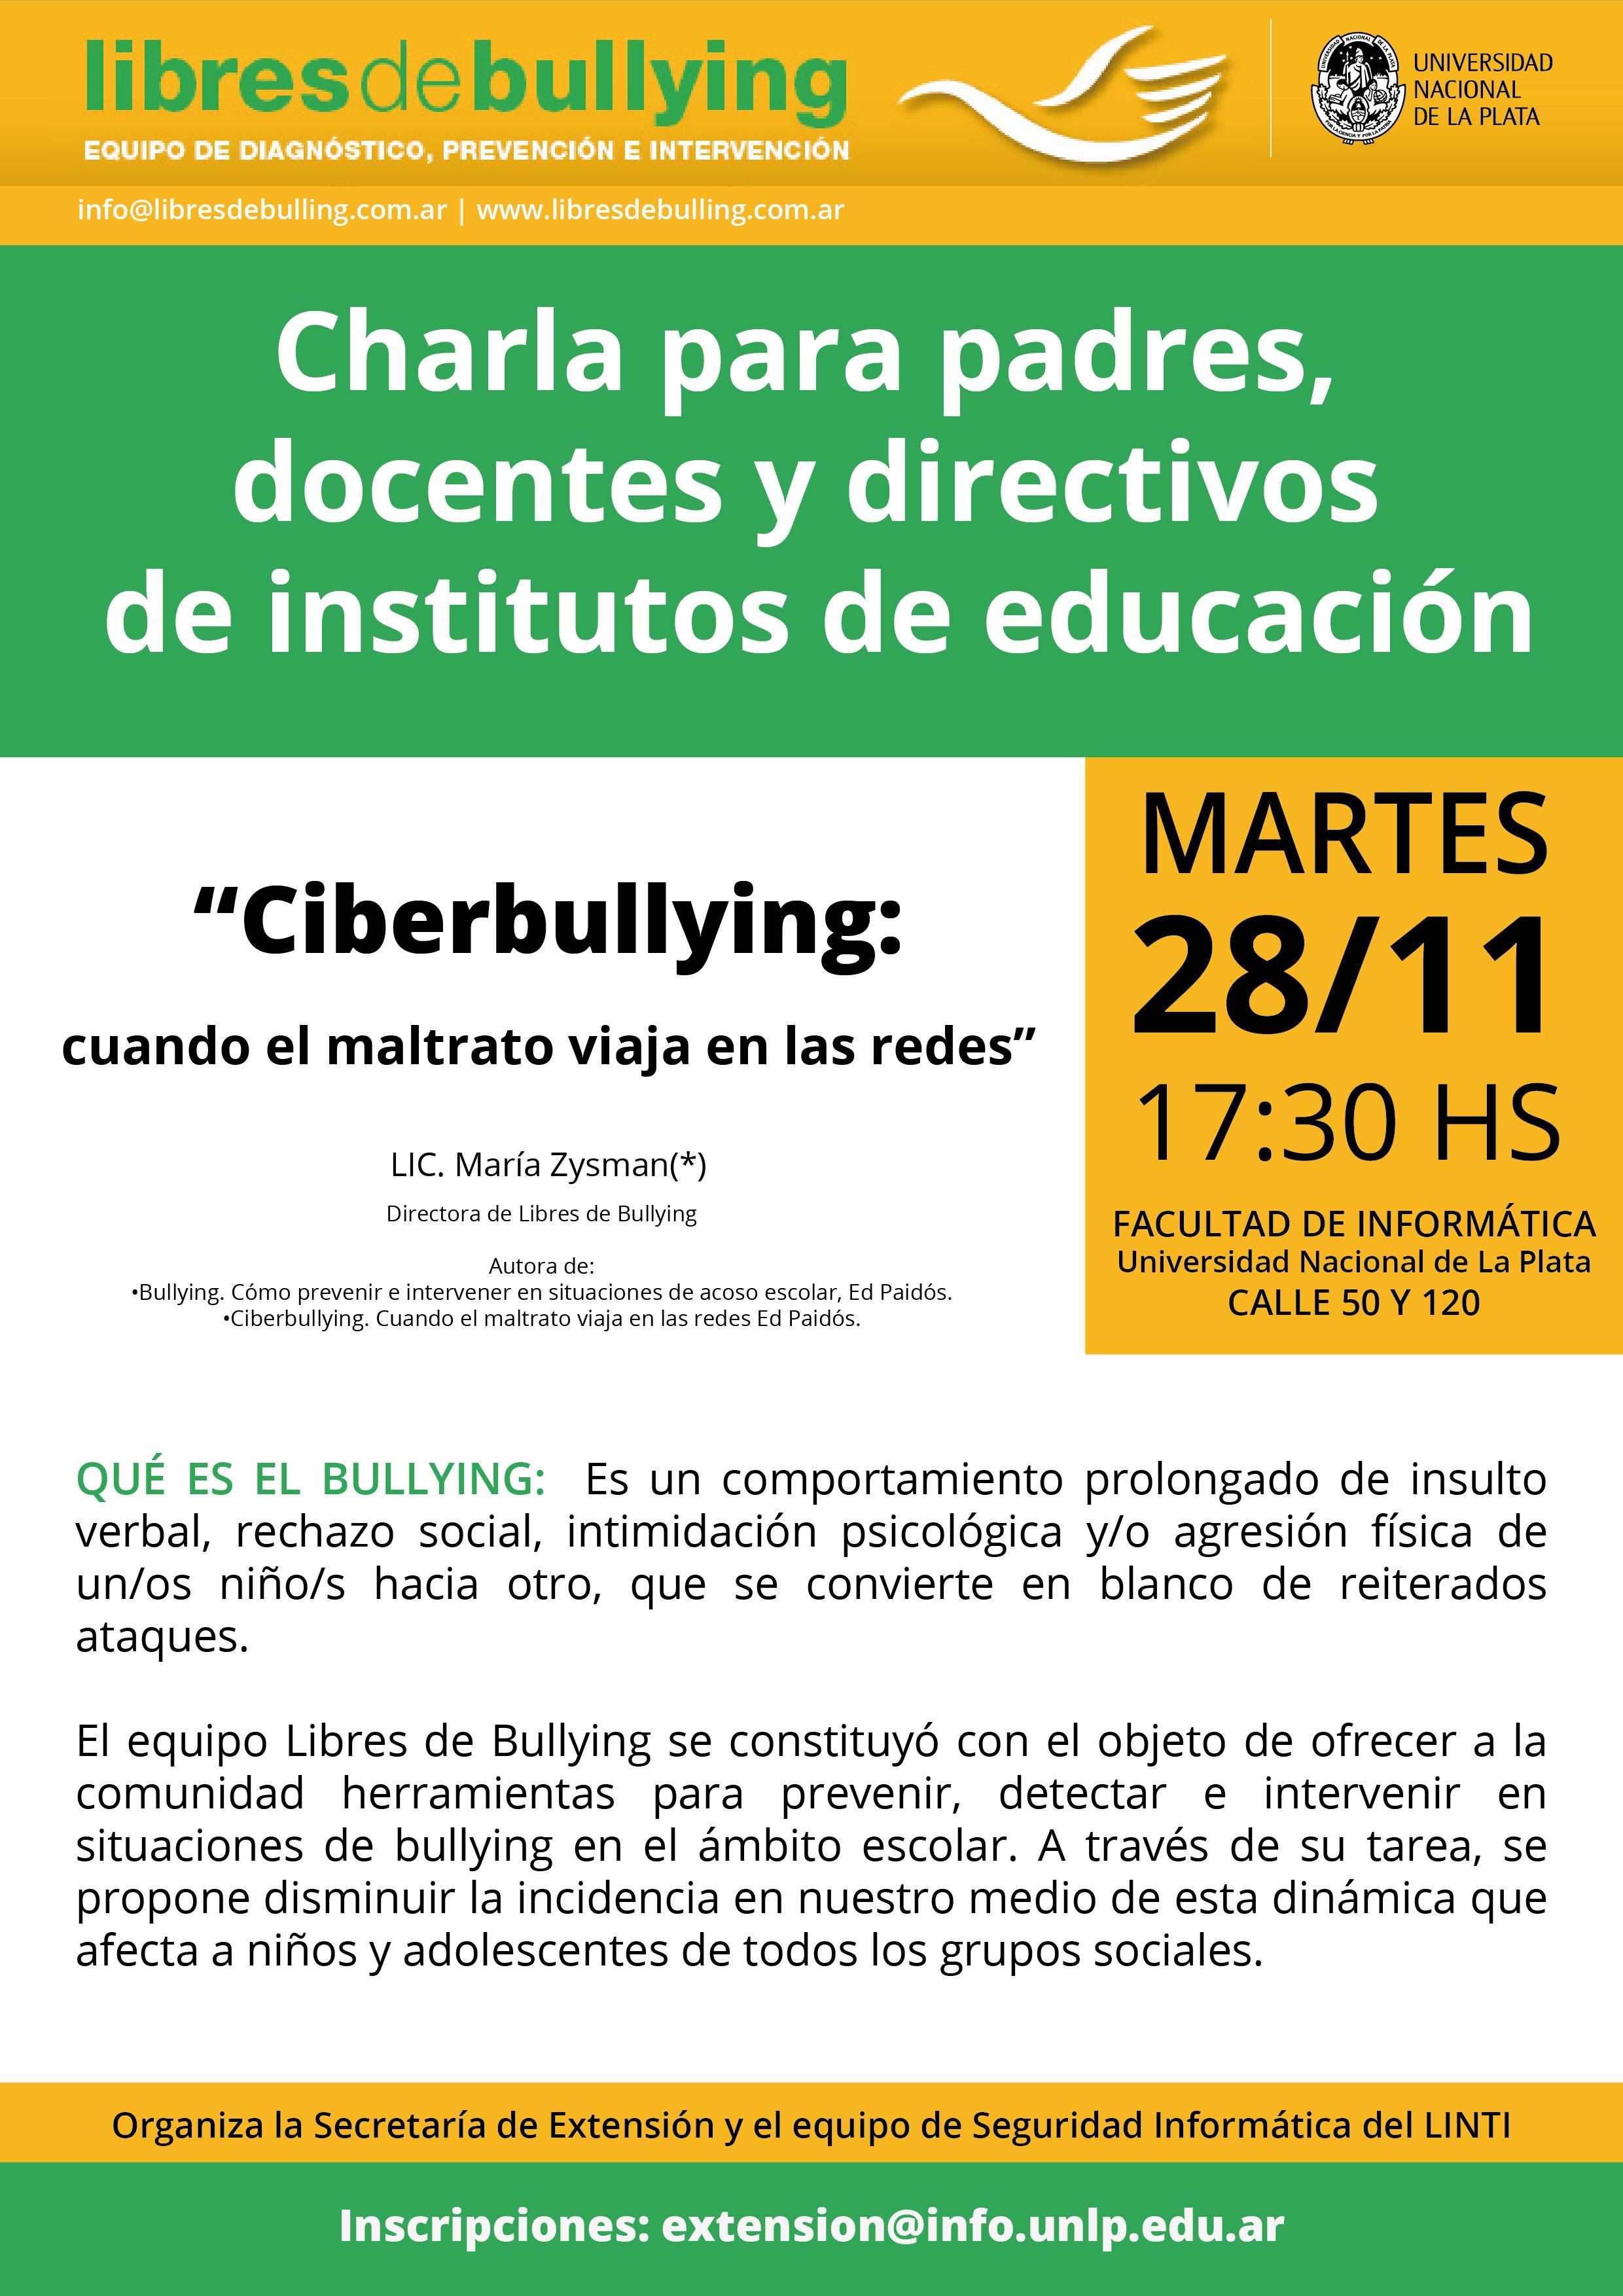 ciberbulling-01-01